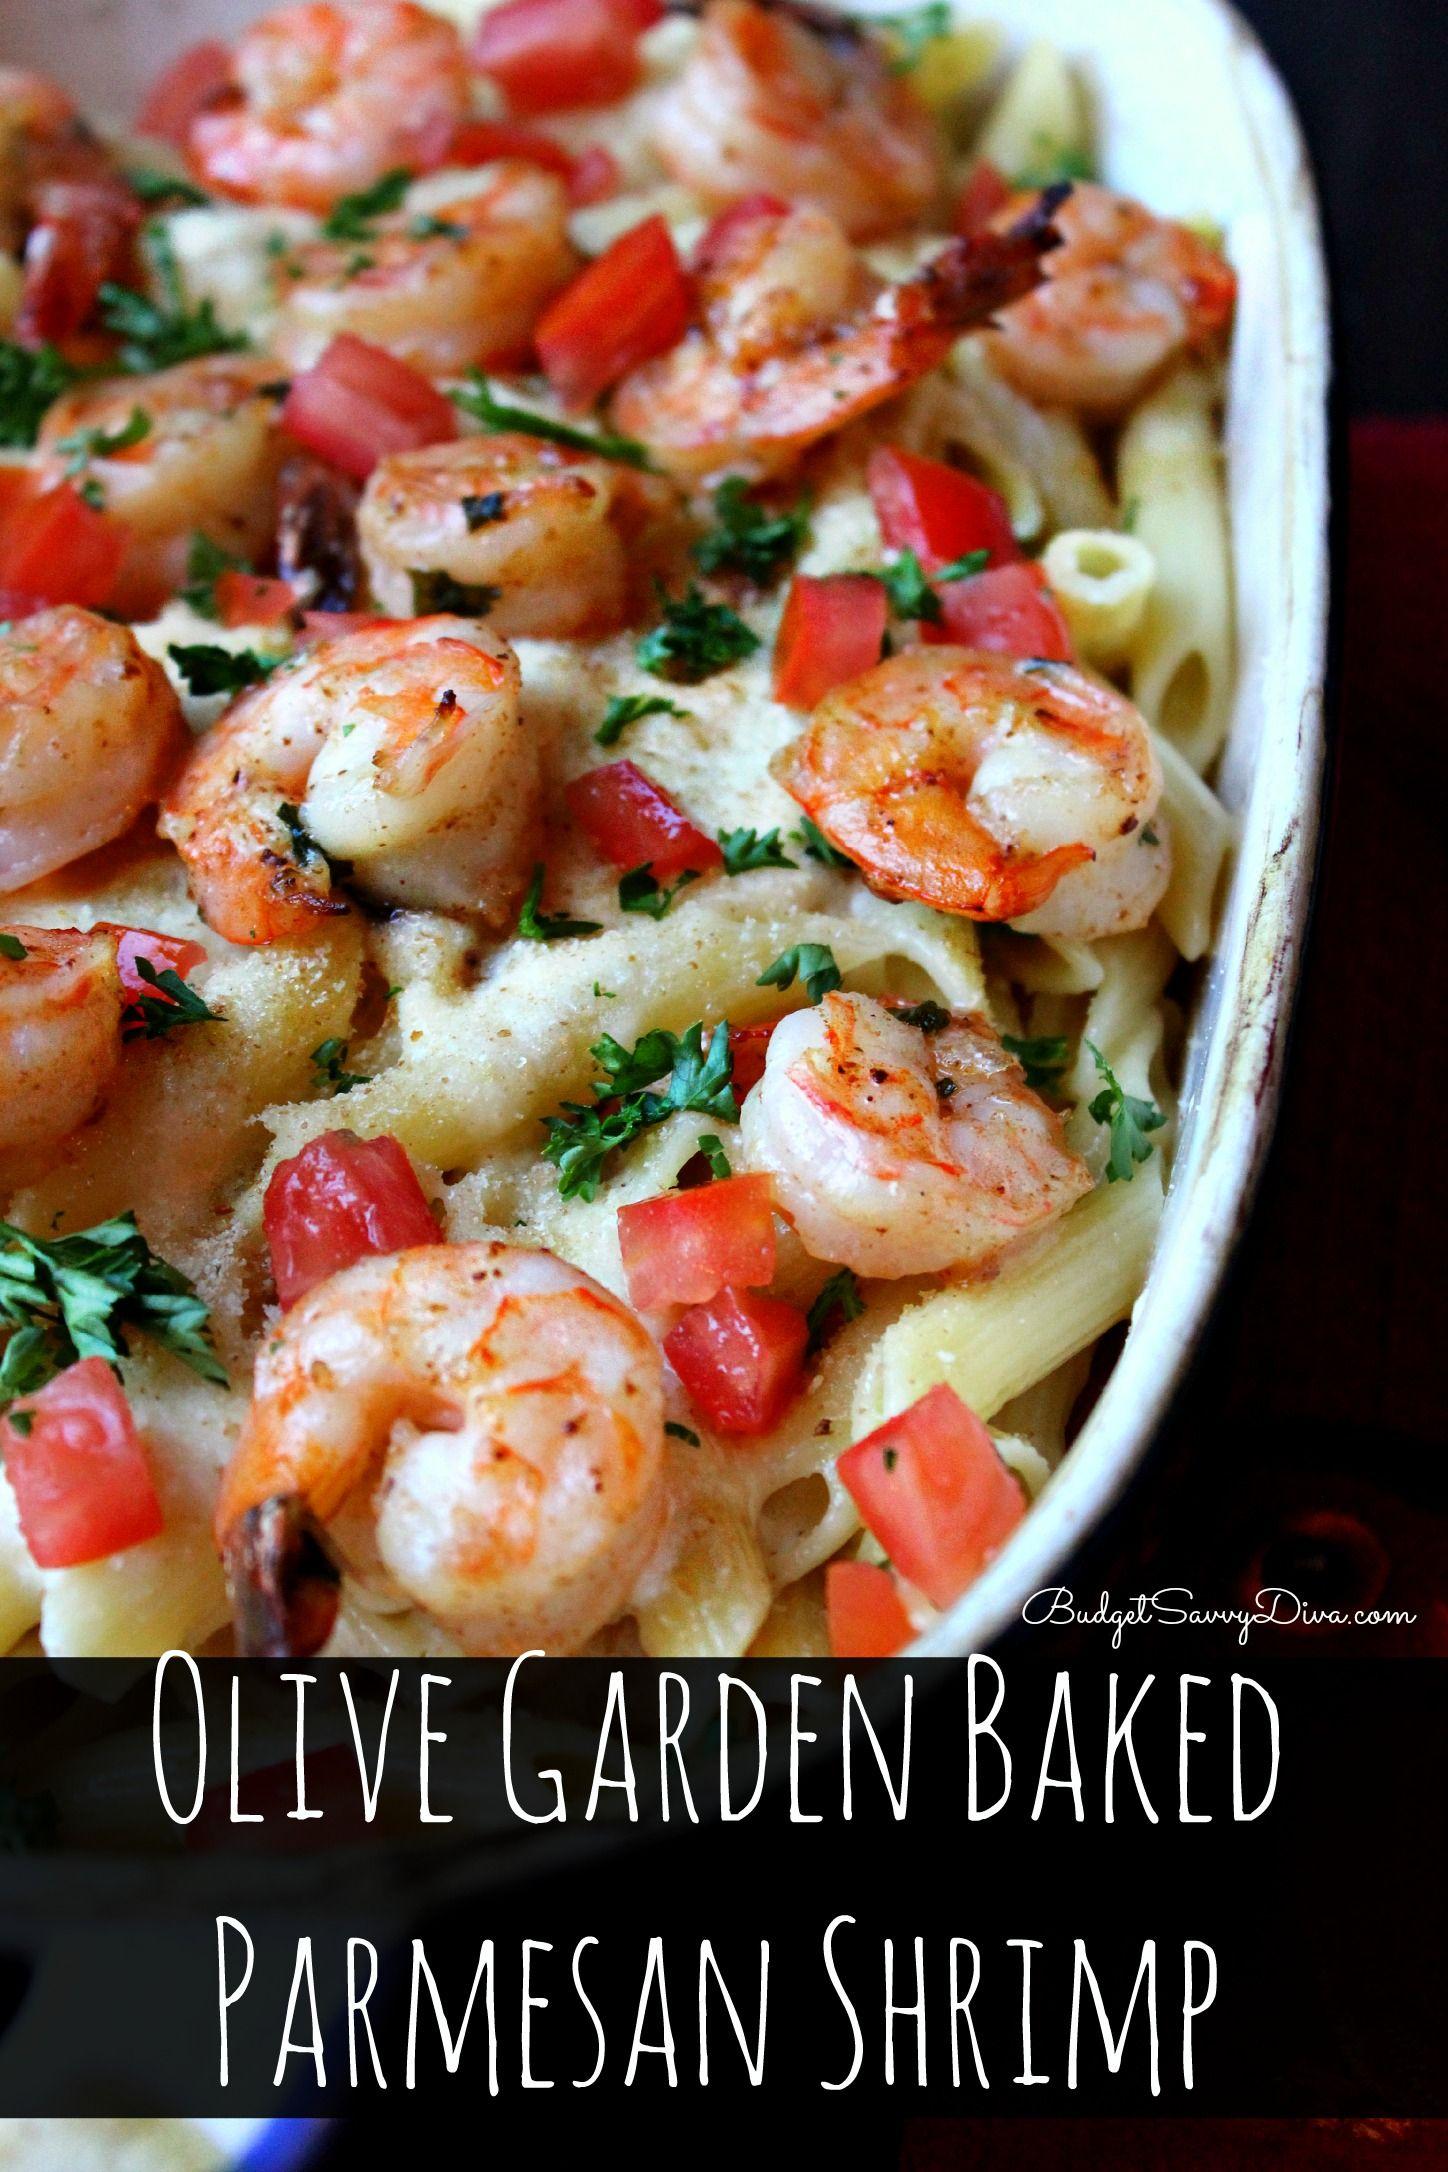 Olive Garden Baked Parmesan Shrimp Recipe Recipe Recipes Seafood Recipes Restaurant Recipes